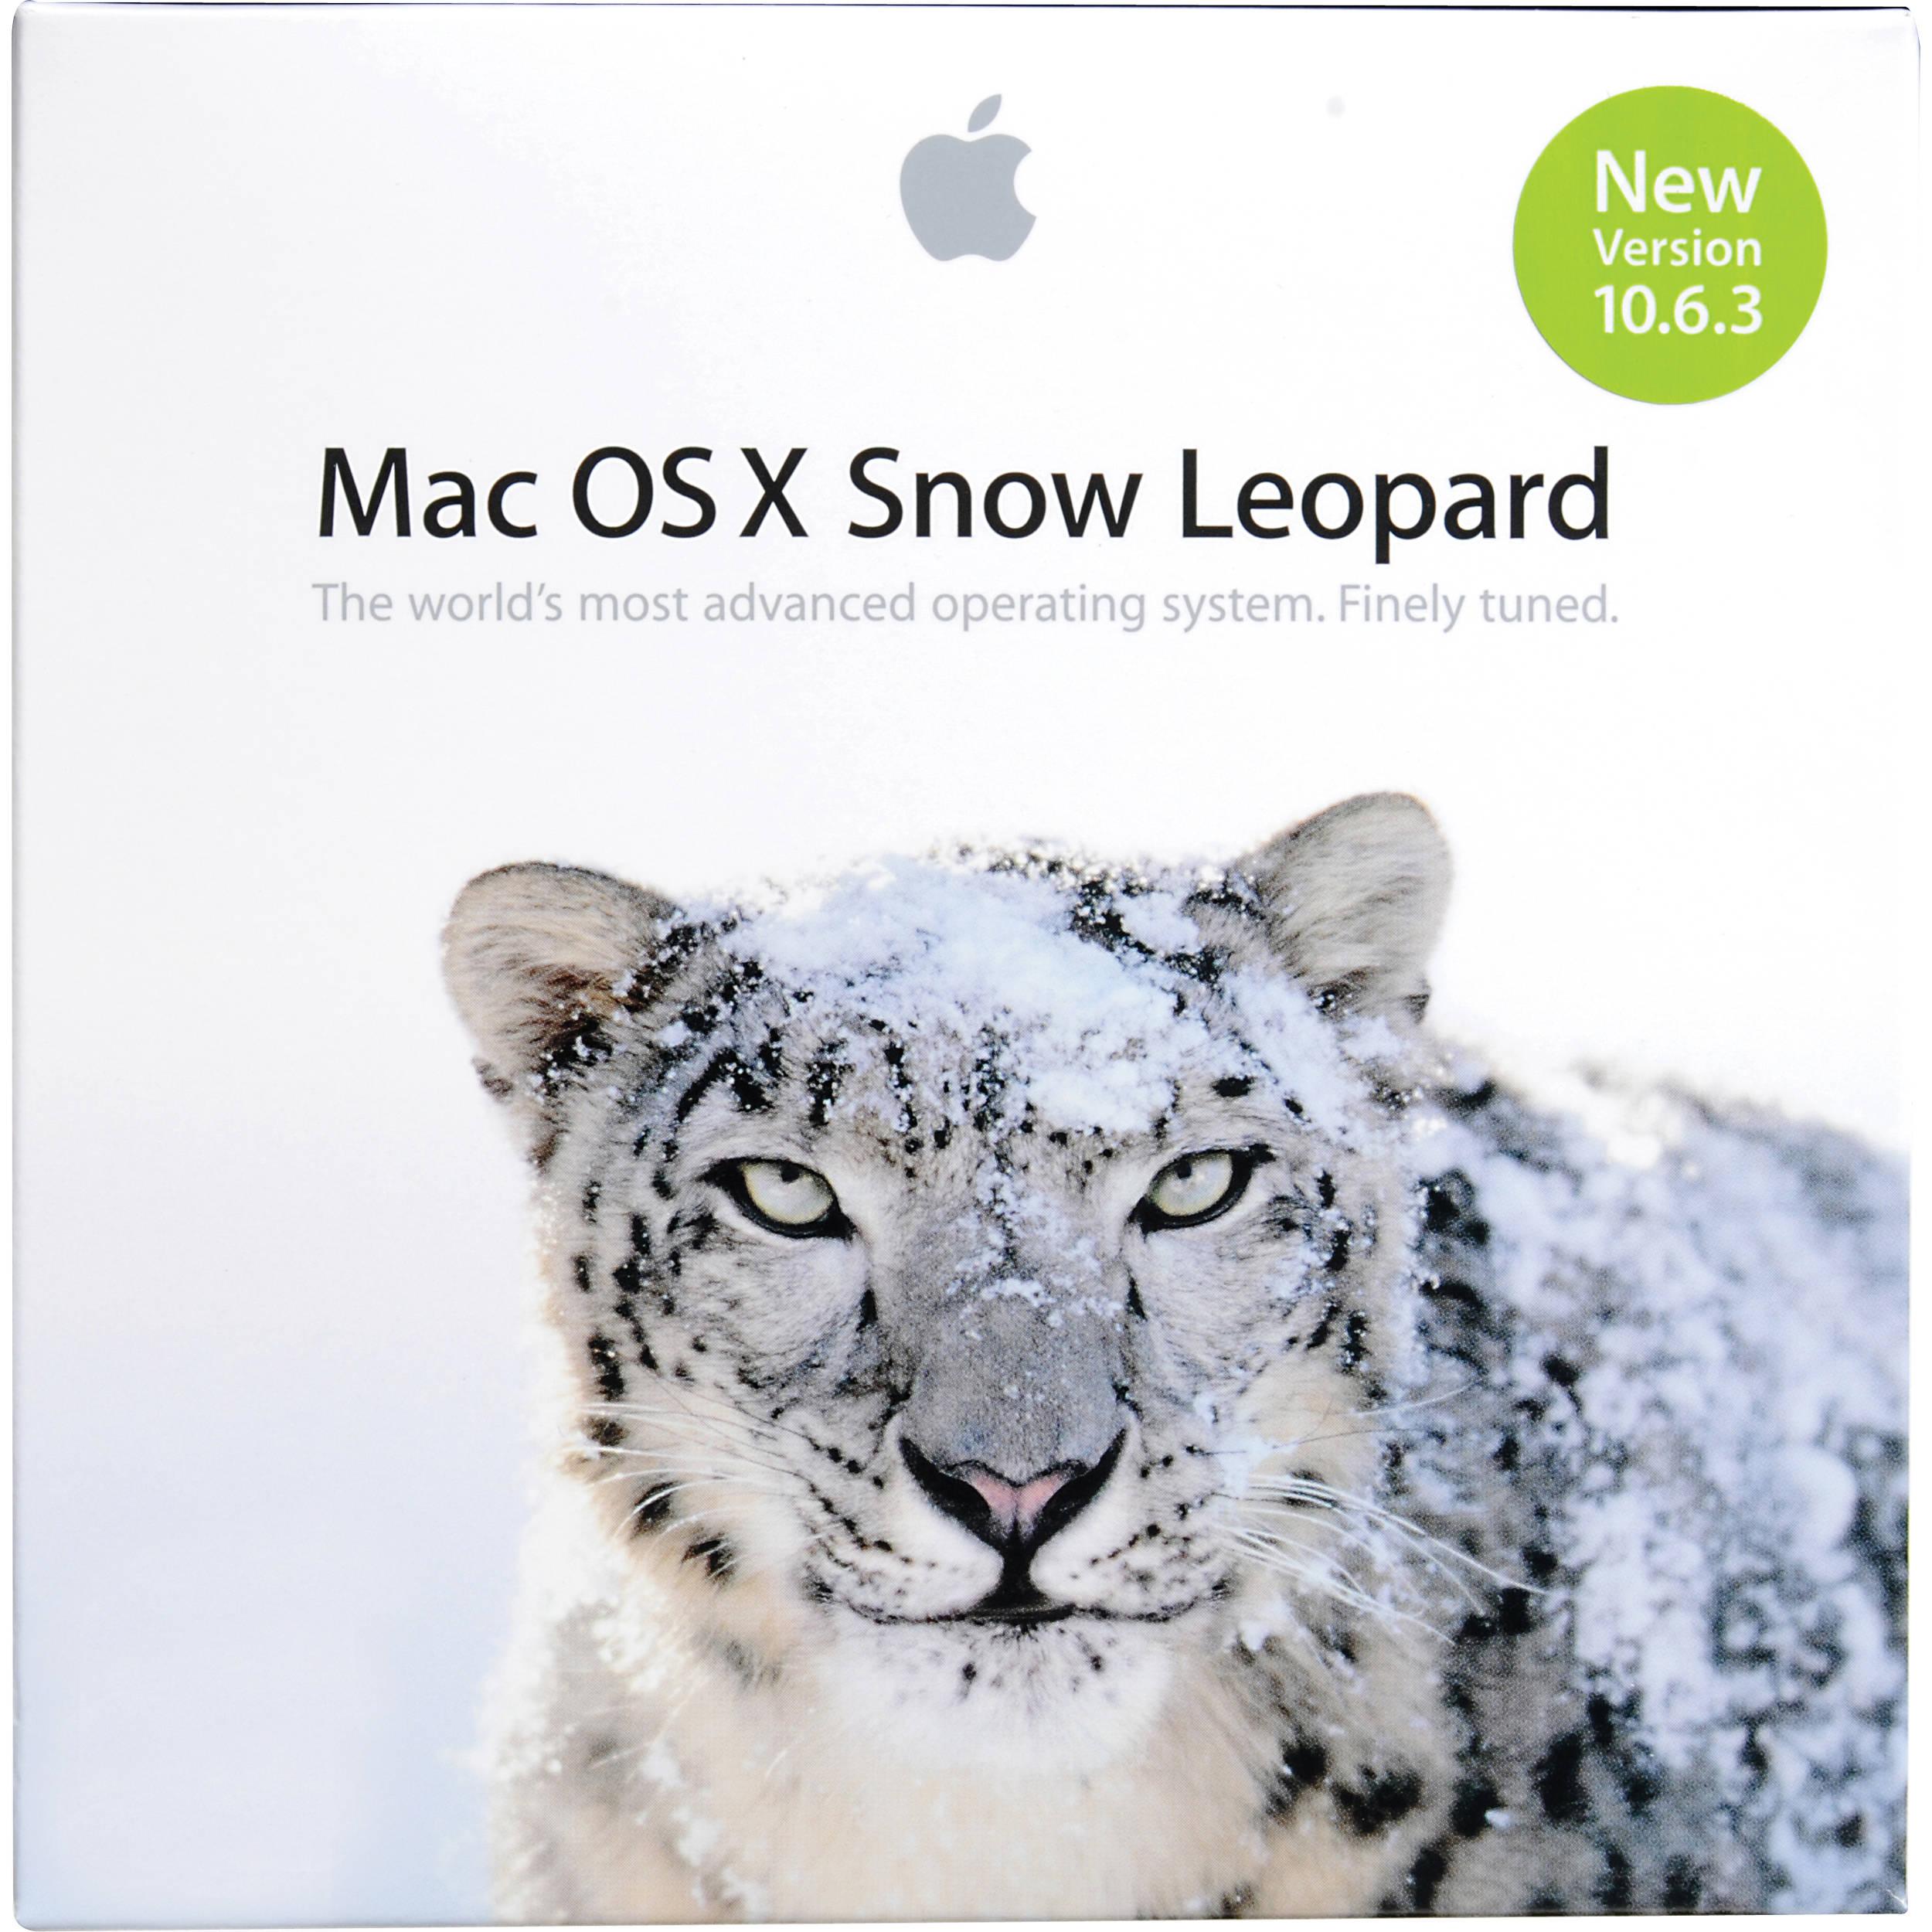 Macbook Pro Portable Genius 2nd Edition